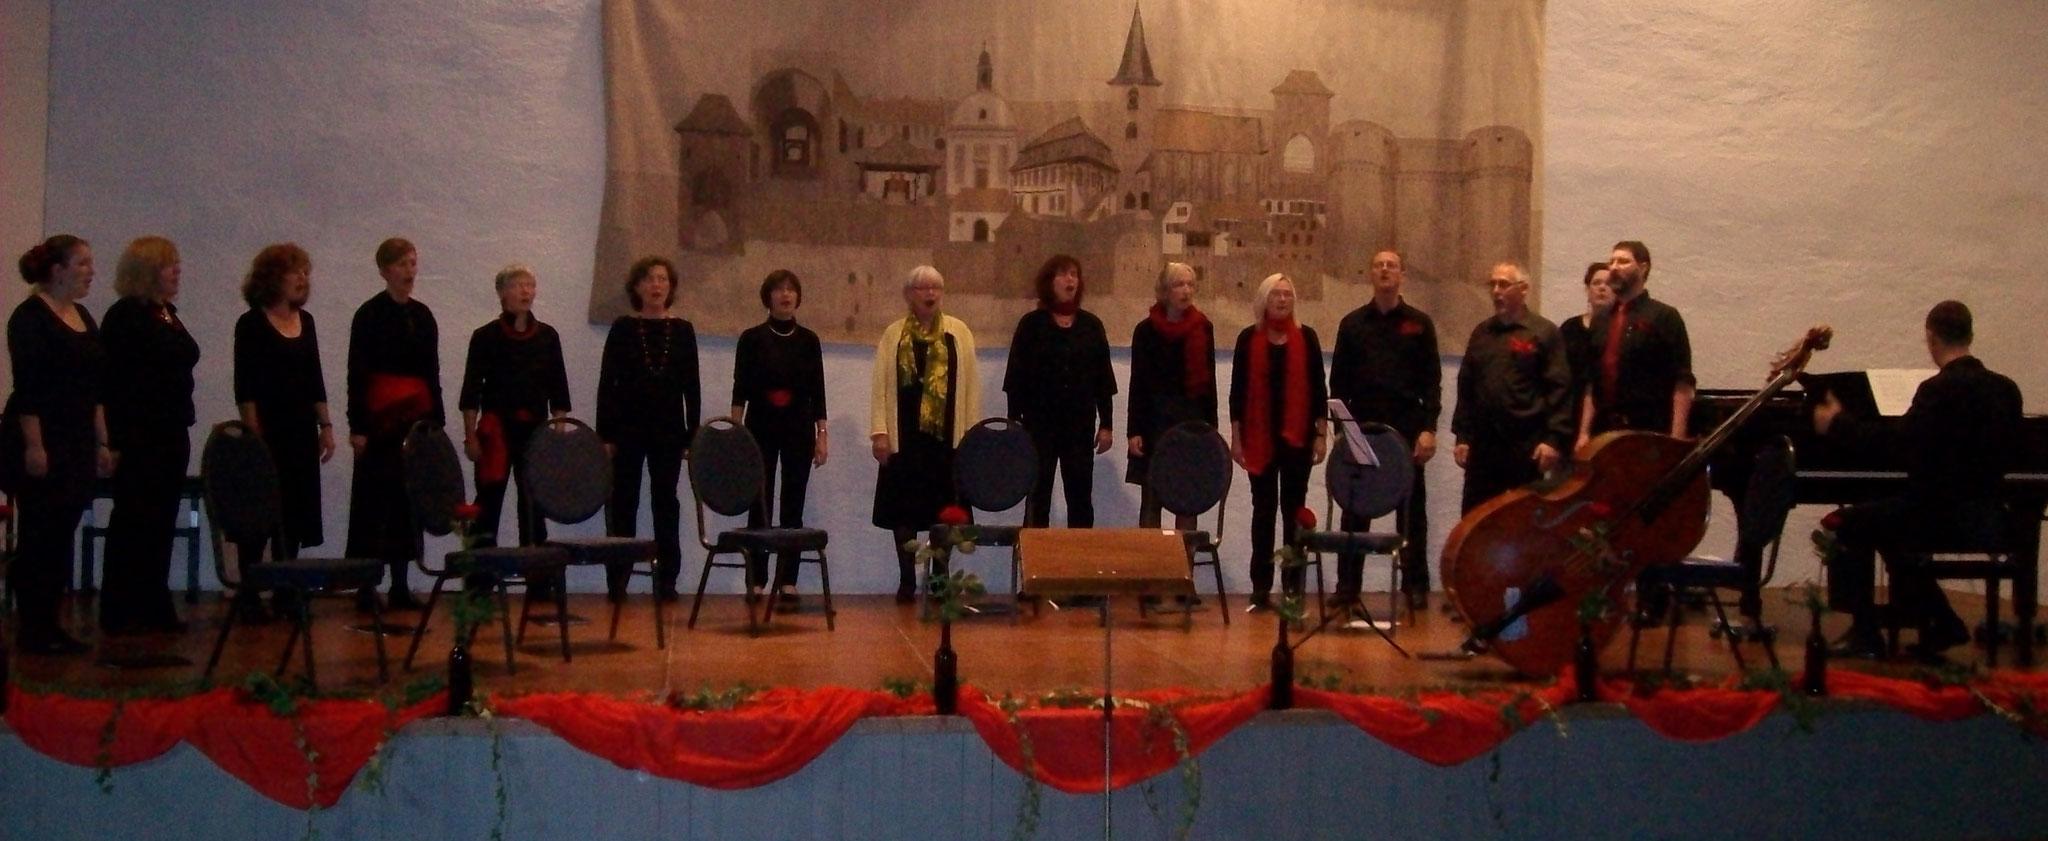 Tango-Soiree im von-Busch-Hof in Freinsheim 2012